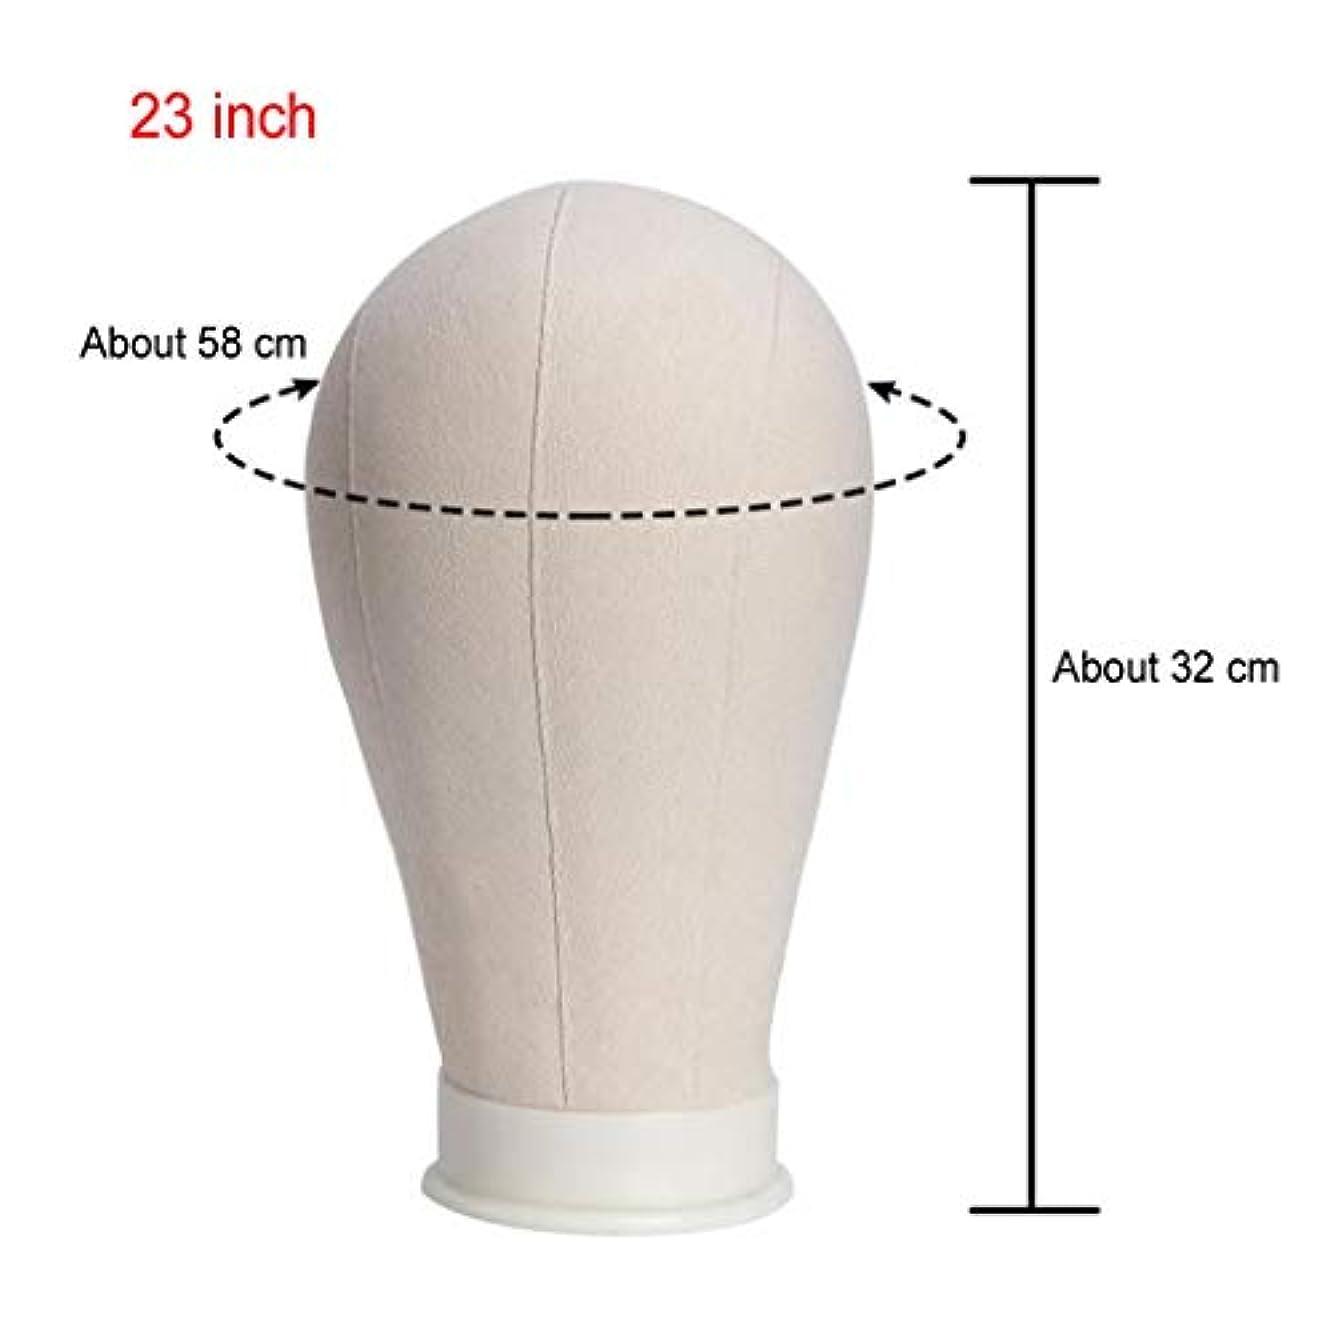 ニッケル一貫性のない条約Tichan モデルウィッグ キャンバス ヘッド キャンバス ブロック ヘッド マネキン ヘッド モデルウィッグ スタンド ディスプレイ メイキングウィッグ + 40TPins ディスプレイ、帽子スタンド (23